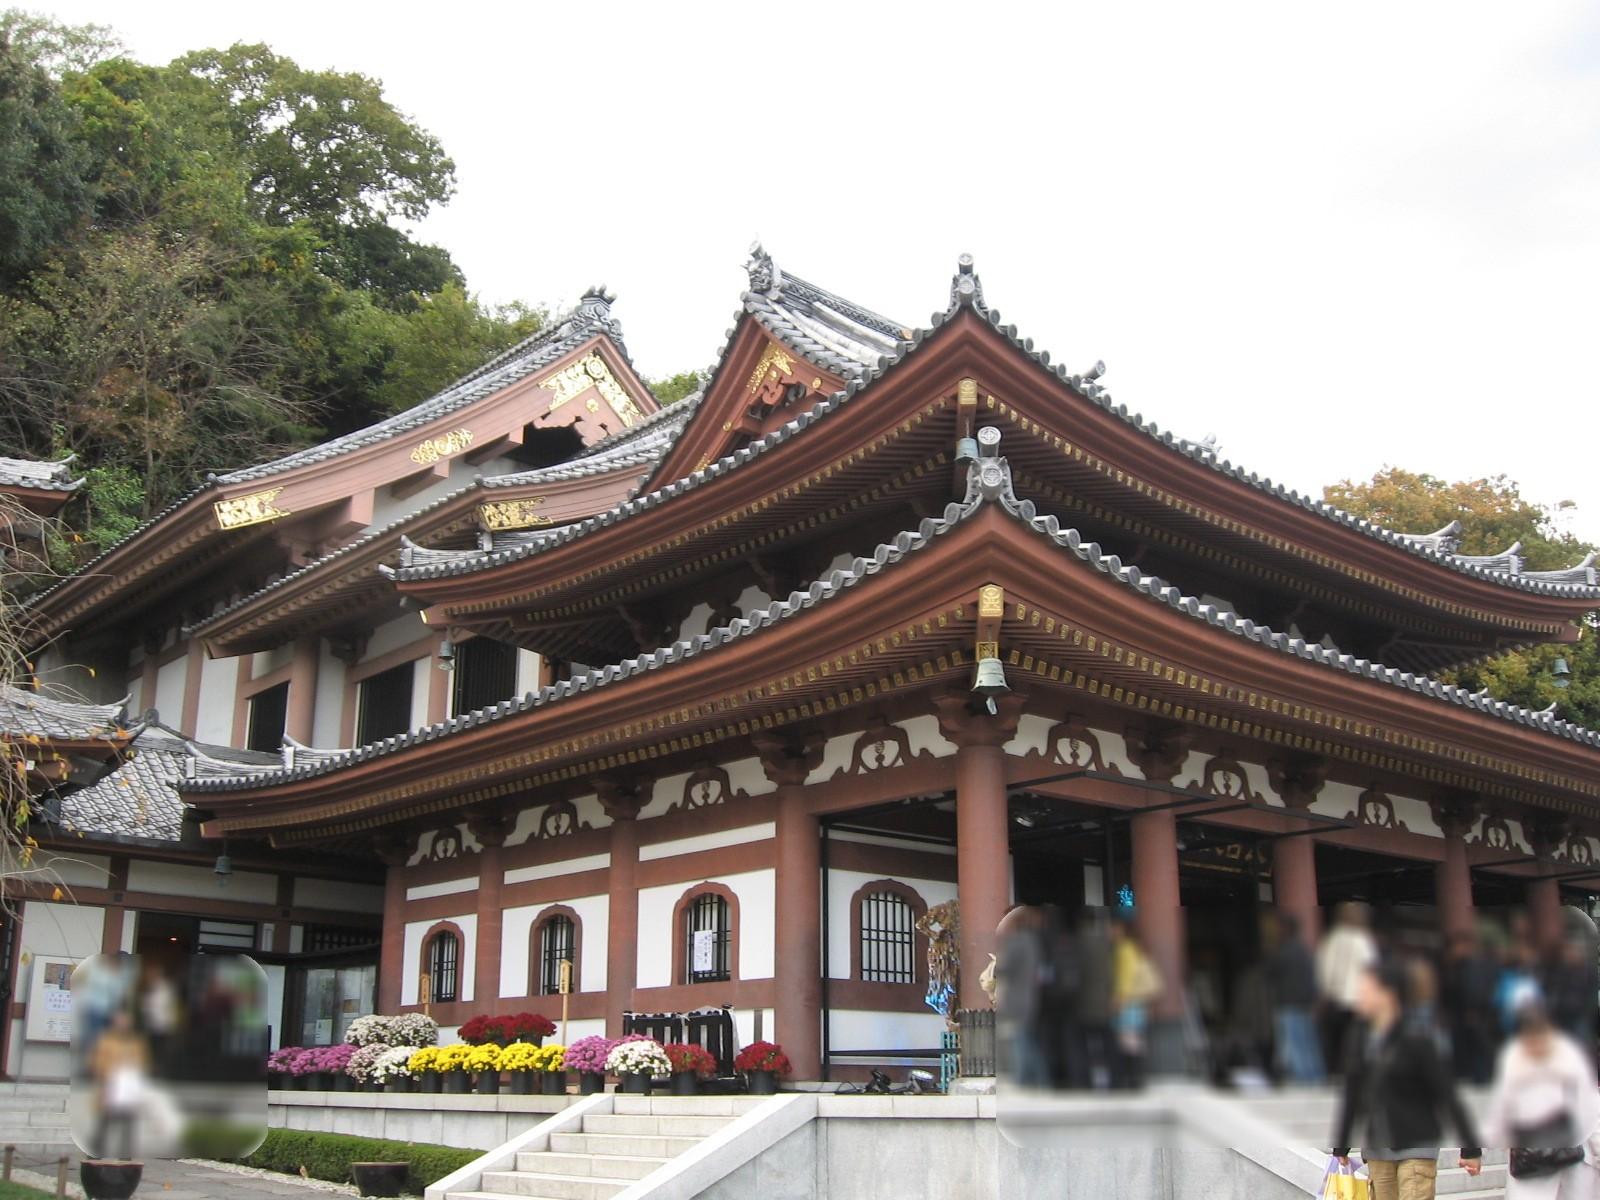 鎌倉_c0179274_12145431.jpg